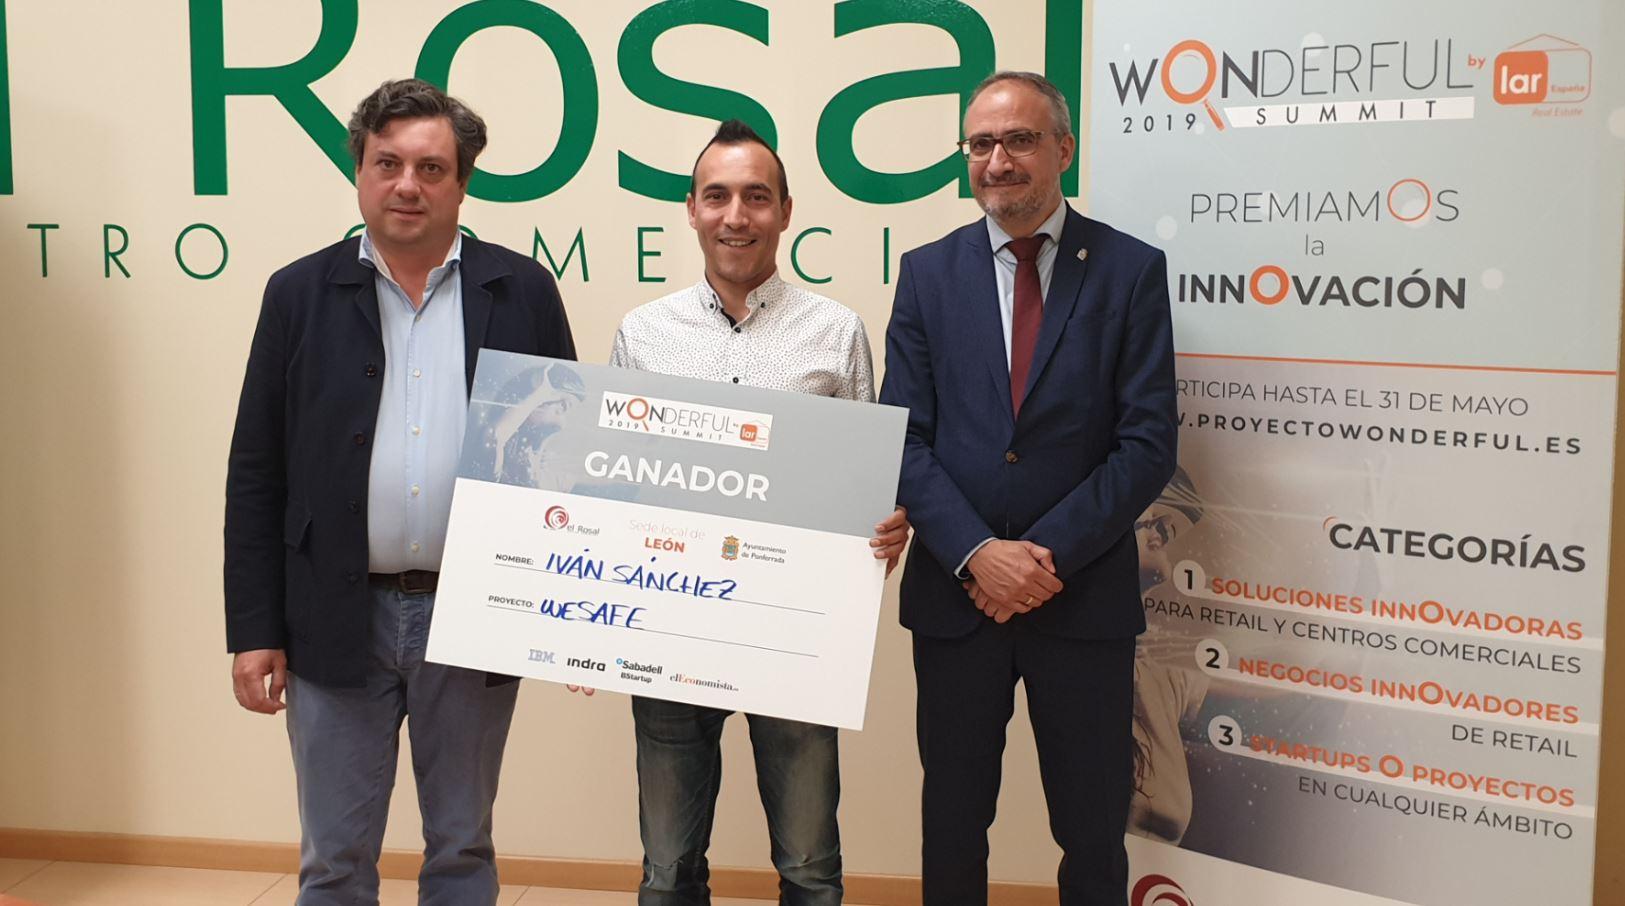 La Startup de Ponferrada We Safe, ganadora de la tercera edición del concurso de Innovación Wonderful